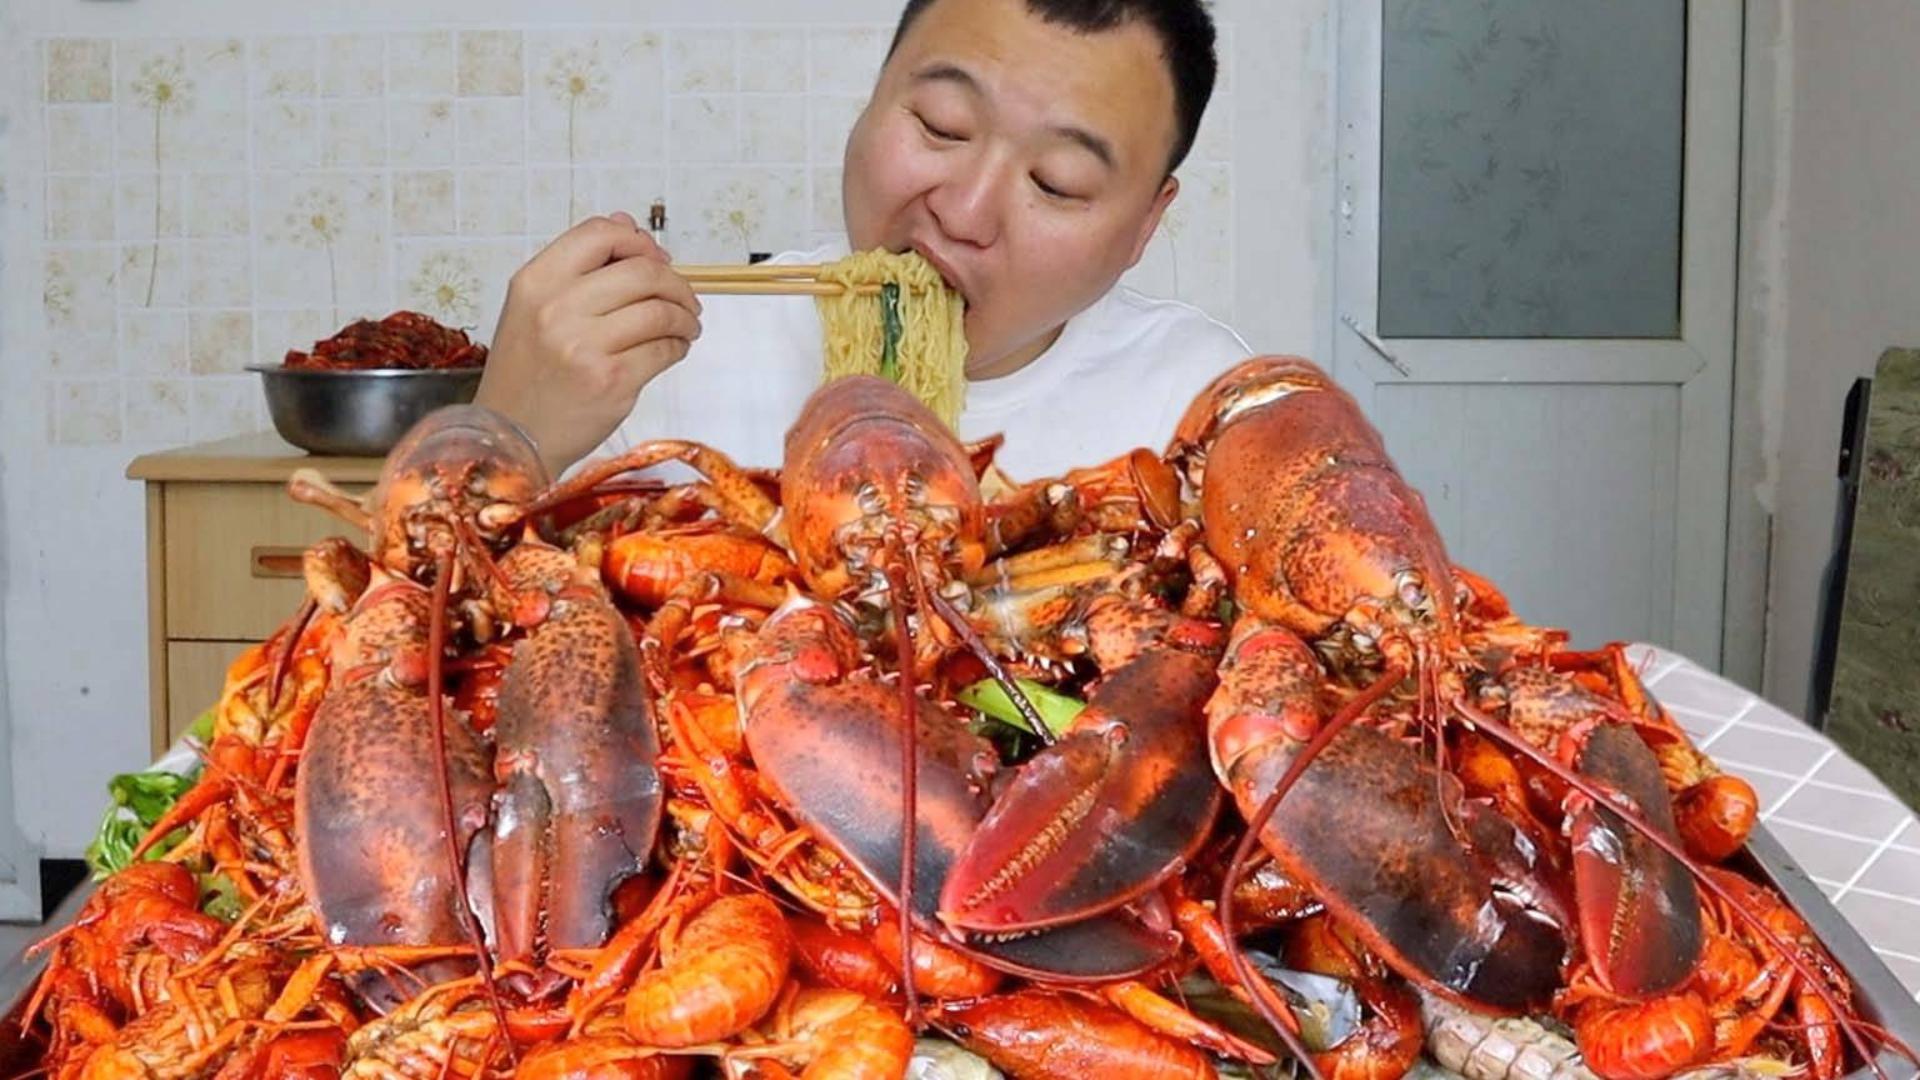 小伙3波士顿龙虾,6斤小龙虾,各种蛤蜊做海鲜咖,2泡面,过瘾